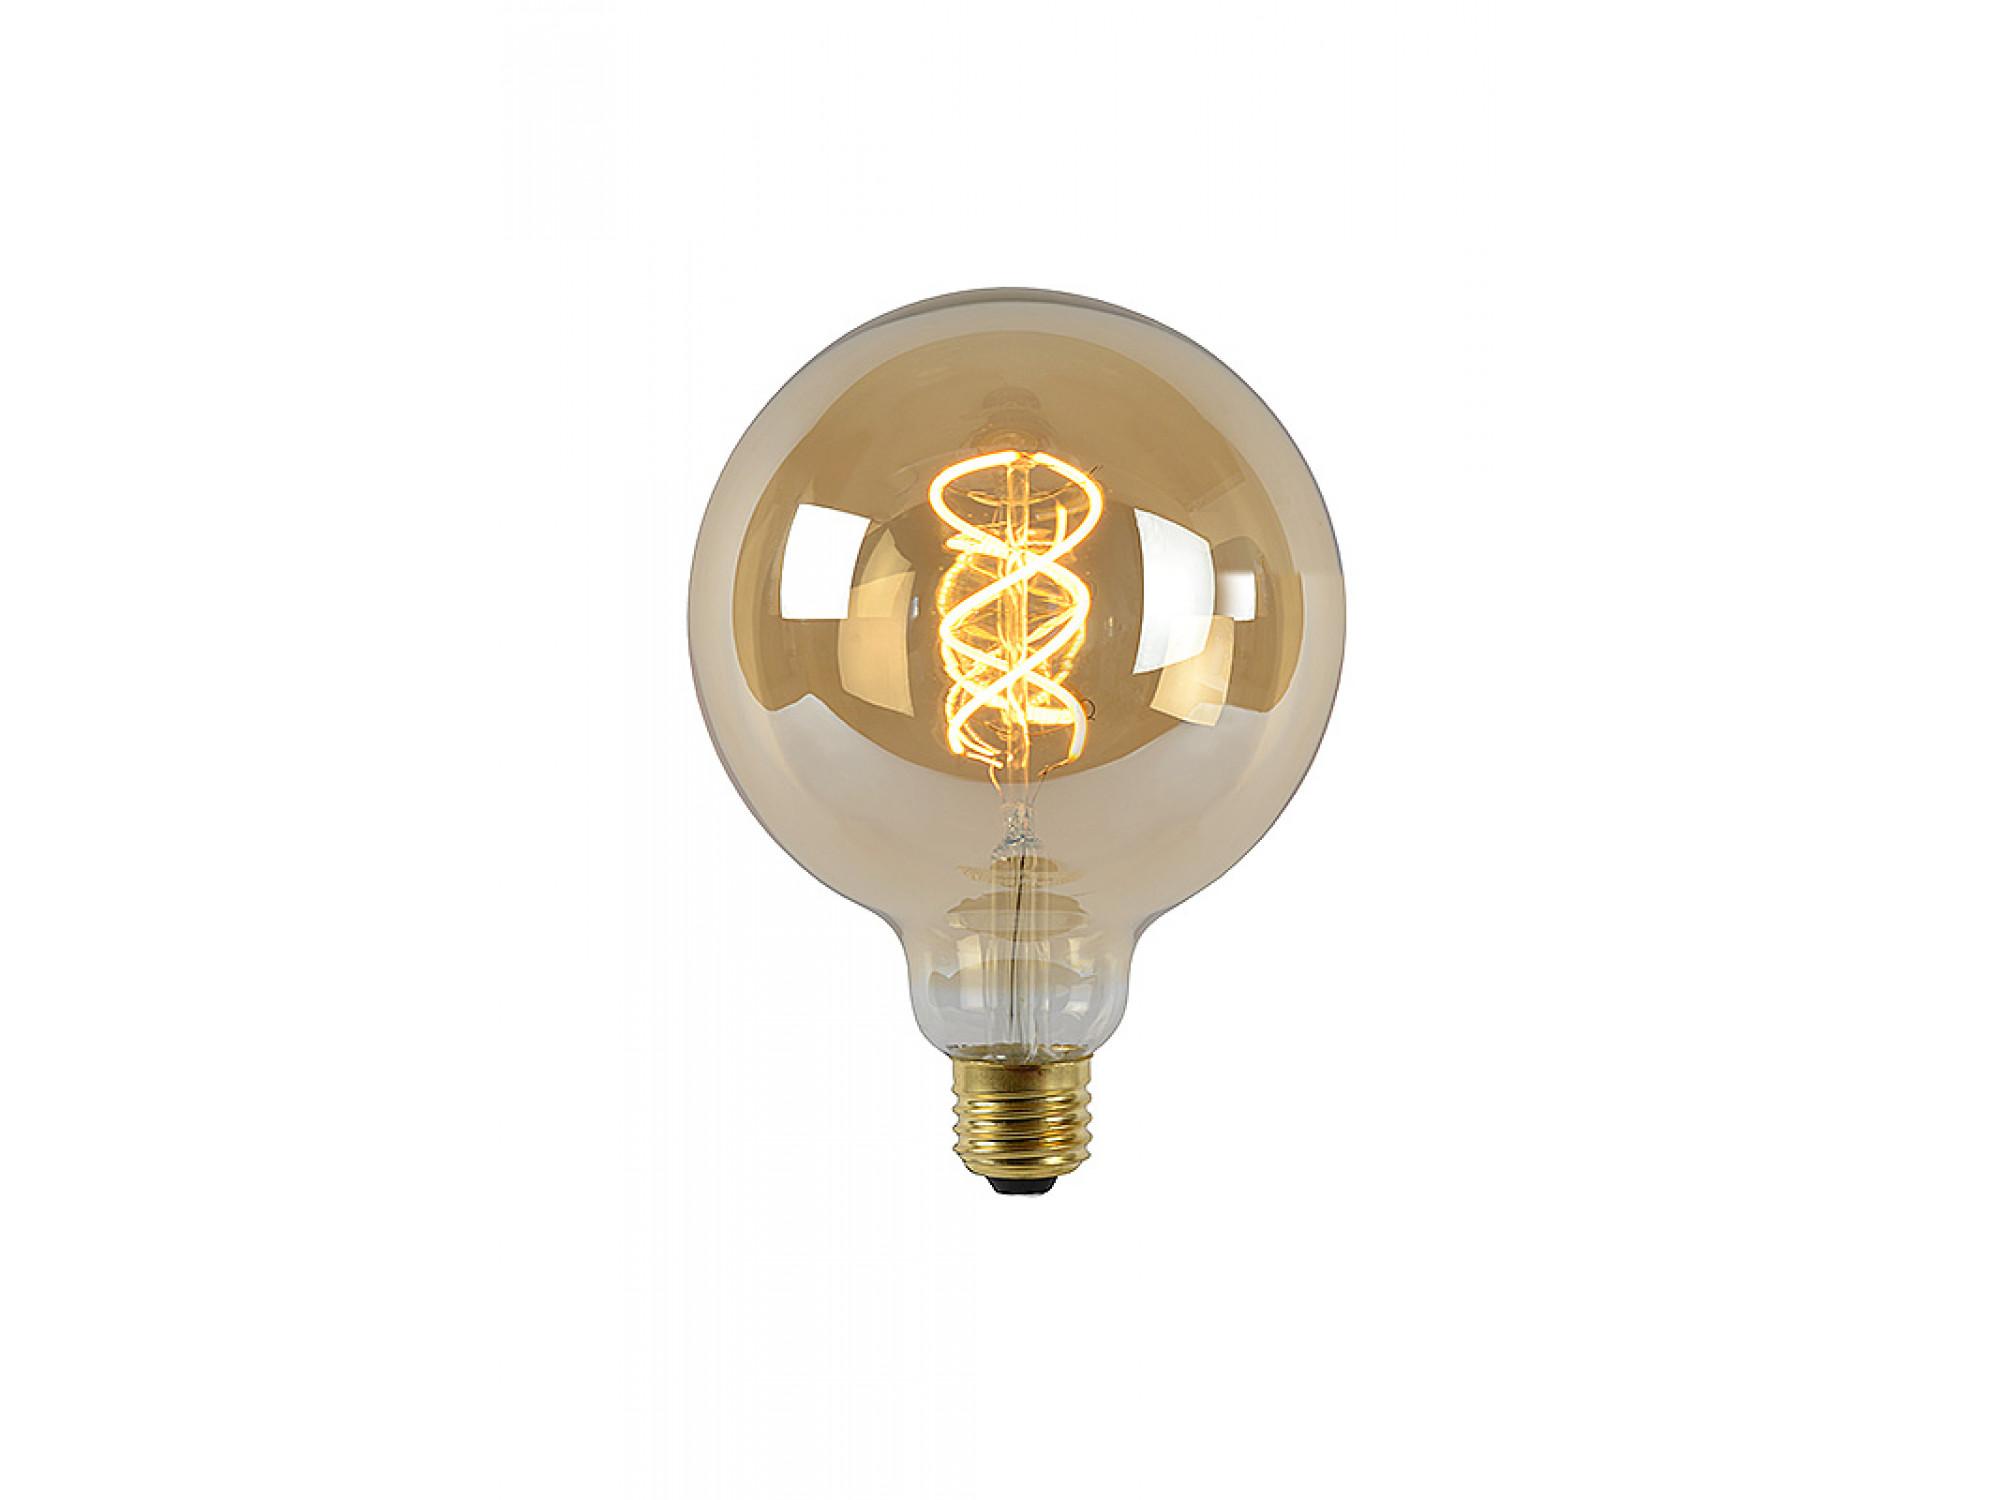 լամպ LUCIDE 49016/05/62 E27 LED 5W